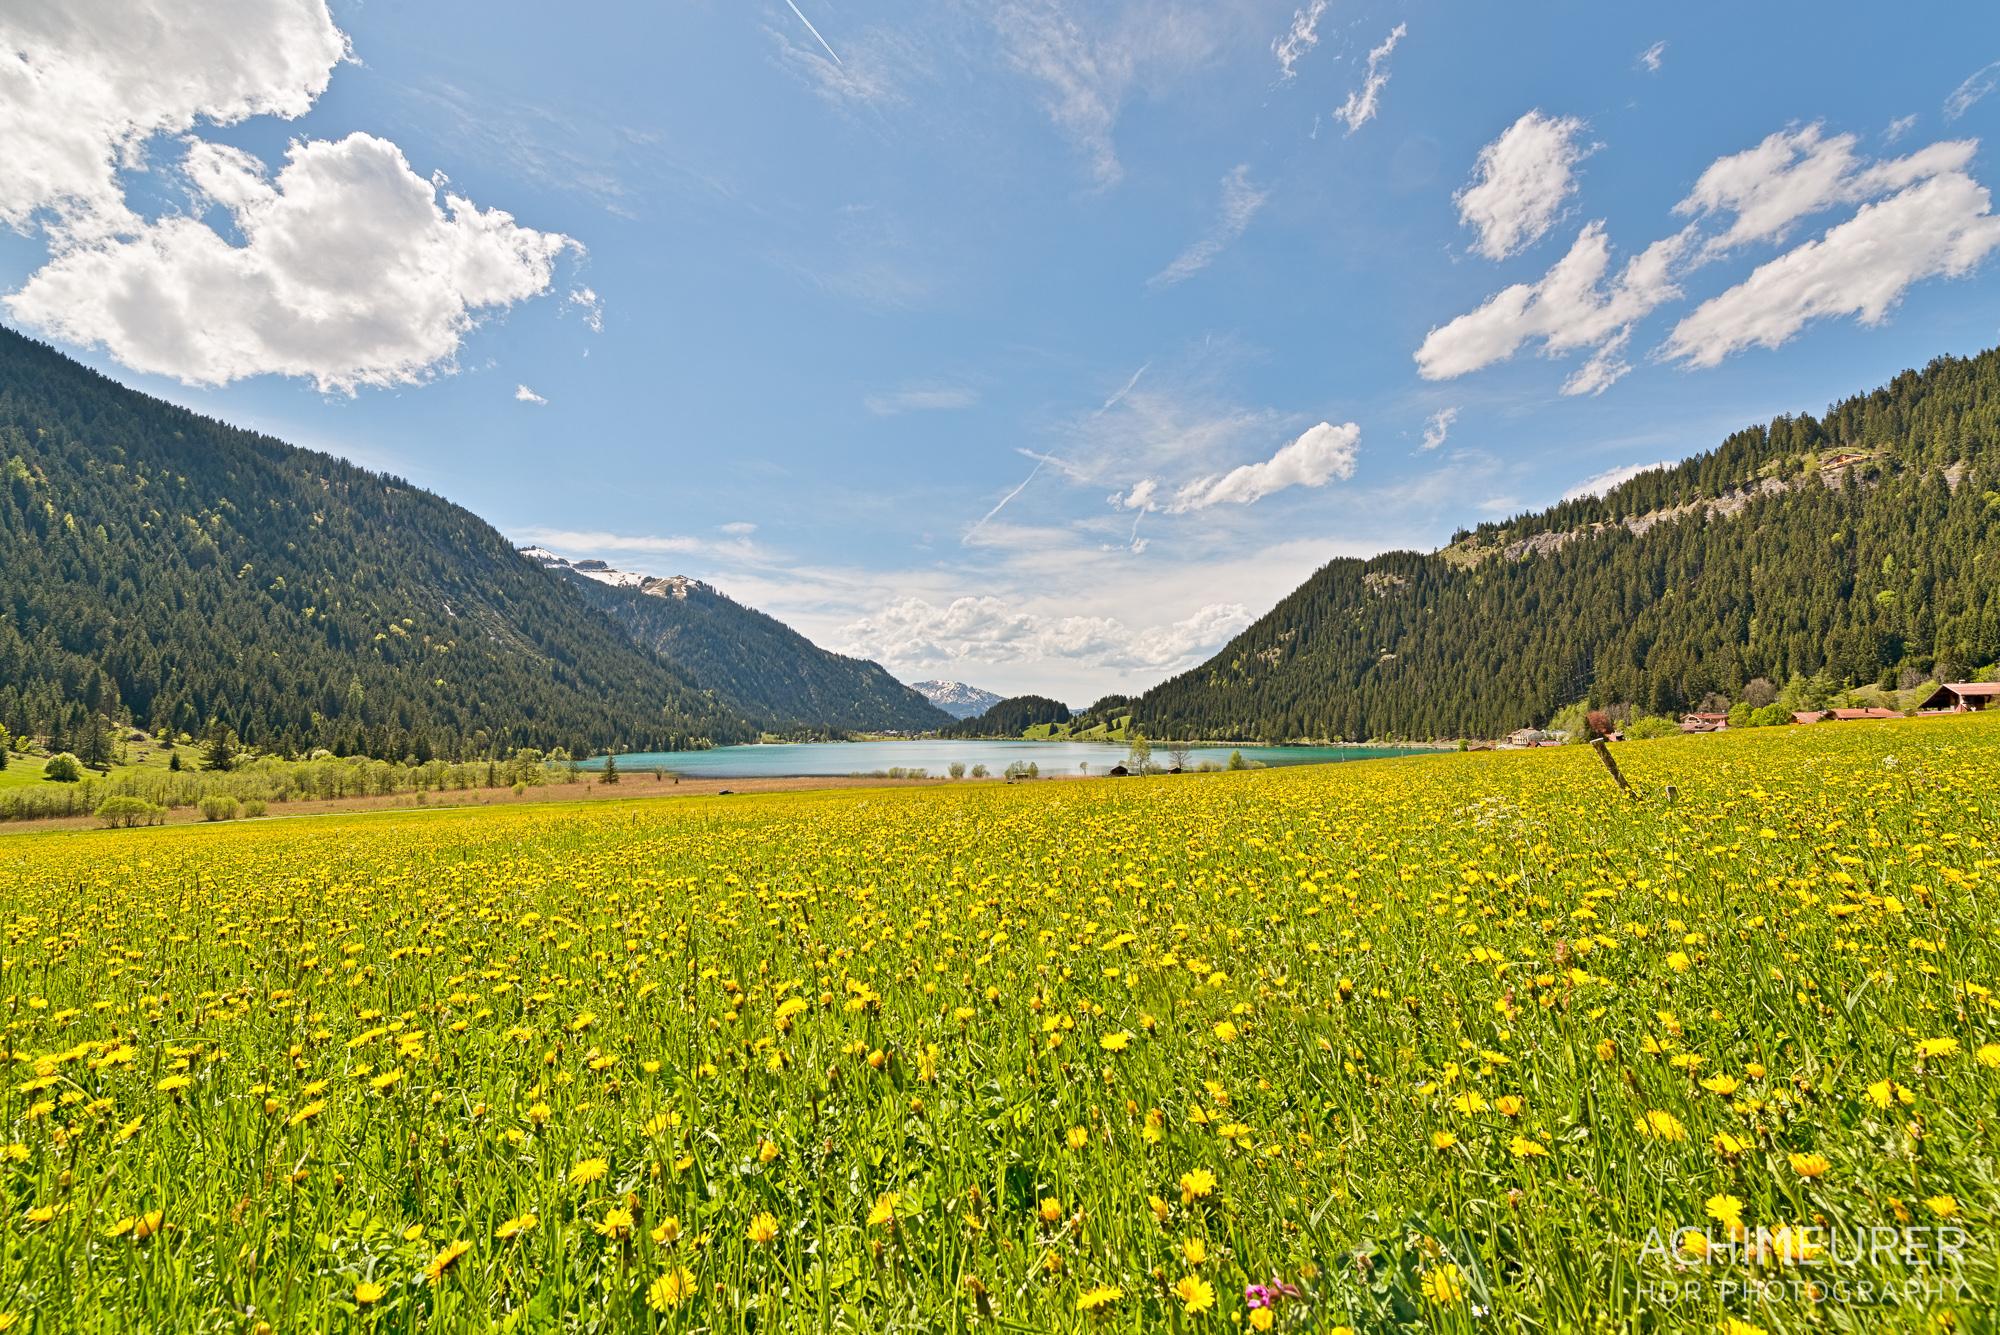 Tannheimer-Tal-Fruehling-Landschaft-See-Haldensee_1979_8_7_6_5_HDR-Bearbeitet